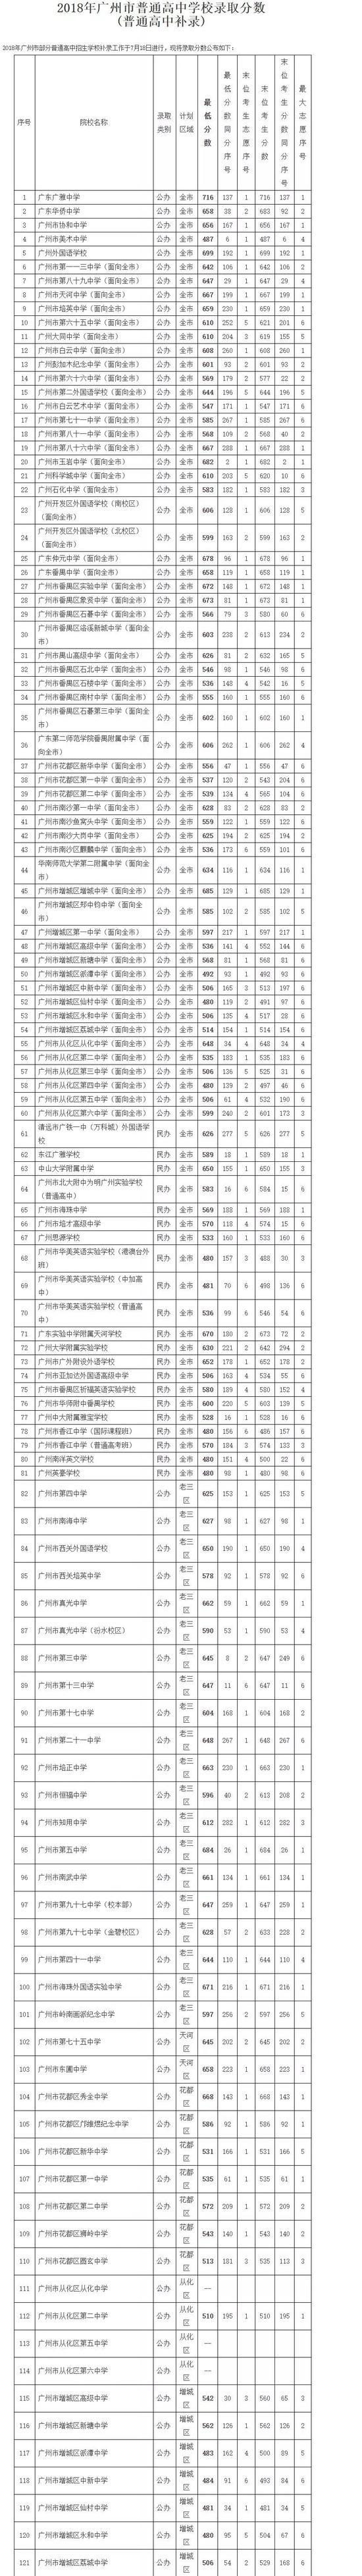 2018广州中考最低录取控制分数线